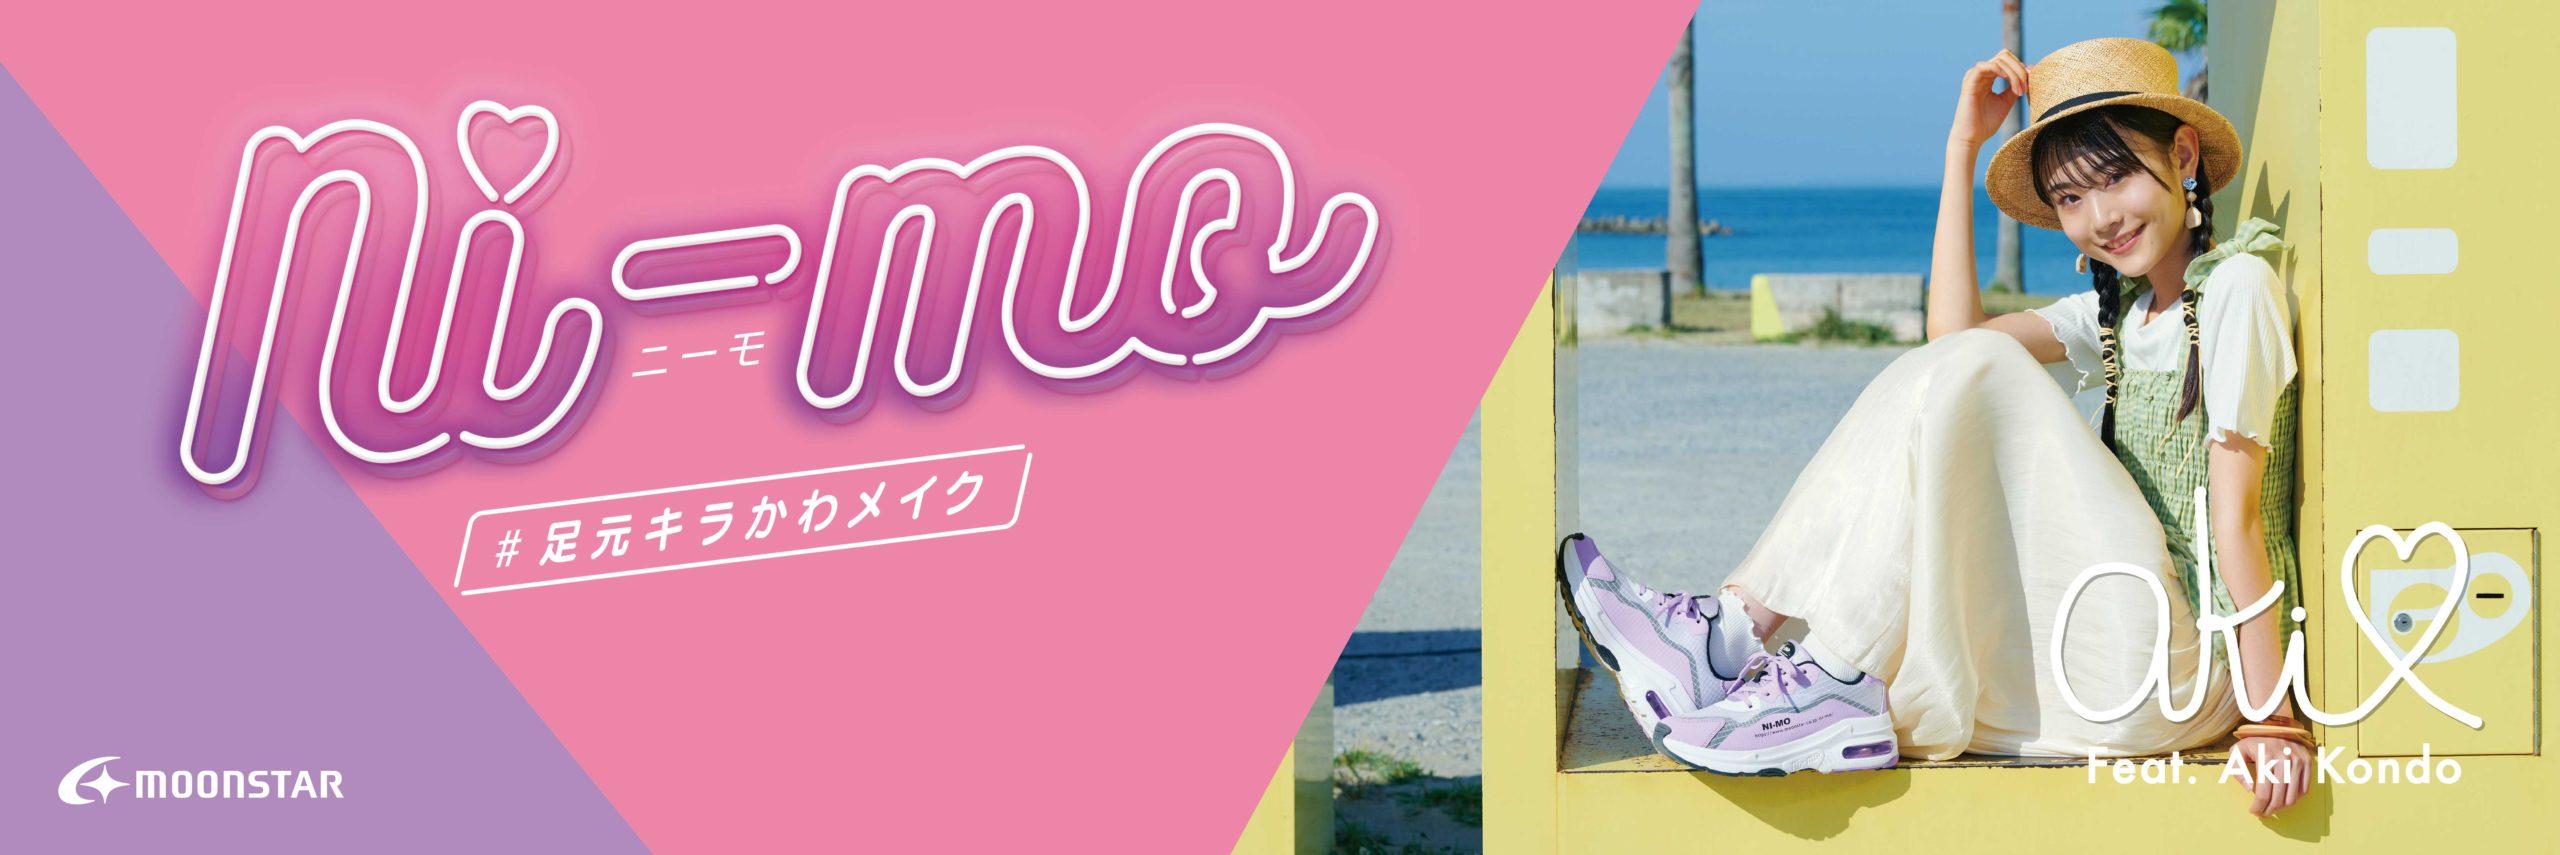 「ni-mo(ニ ーモ)」21年春夏 ターゲットを惹きつける販促と商品提案でさらなる認知拡大はかるイメージキャラクターにモデルの近藤藍月さんを起用